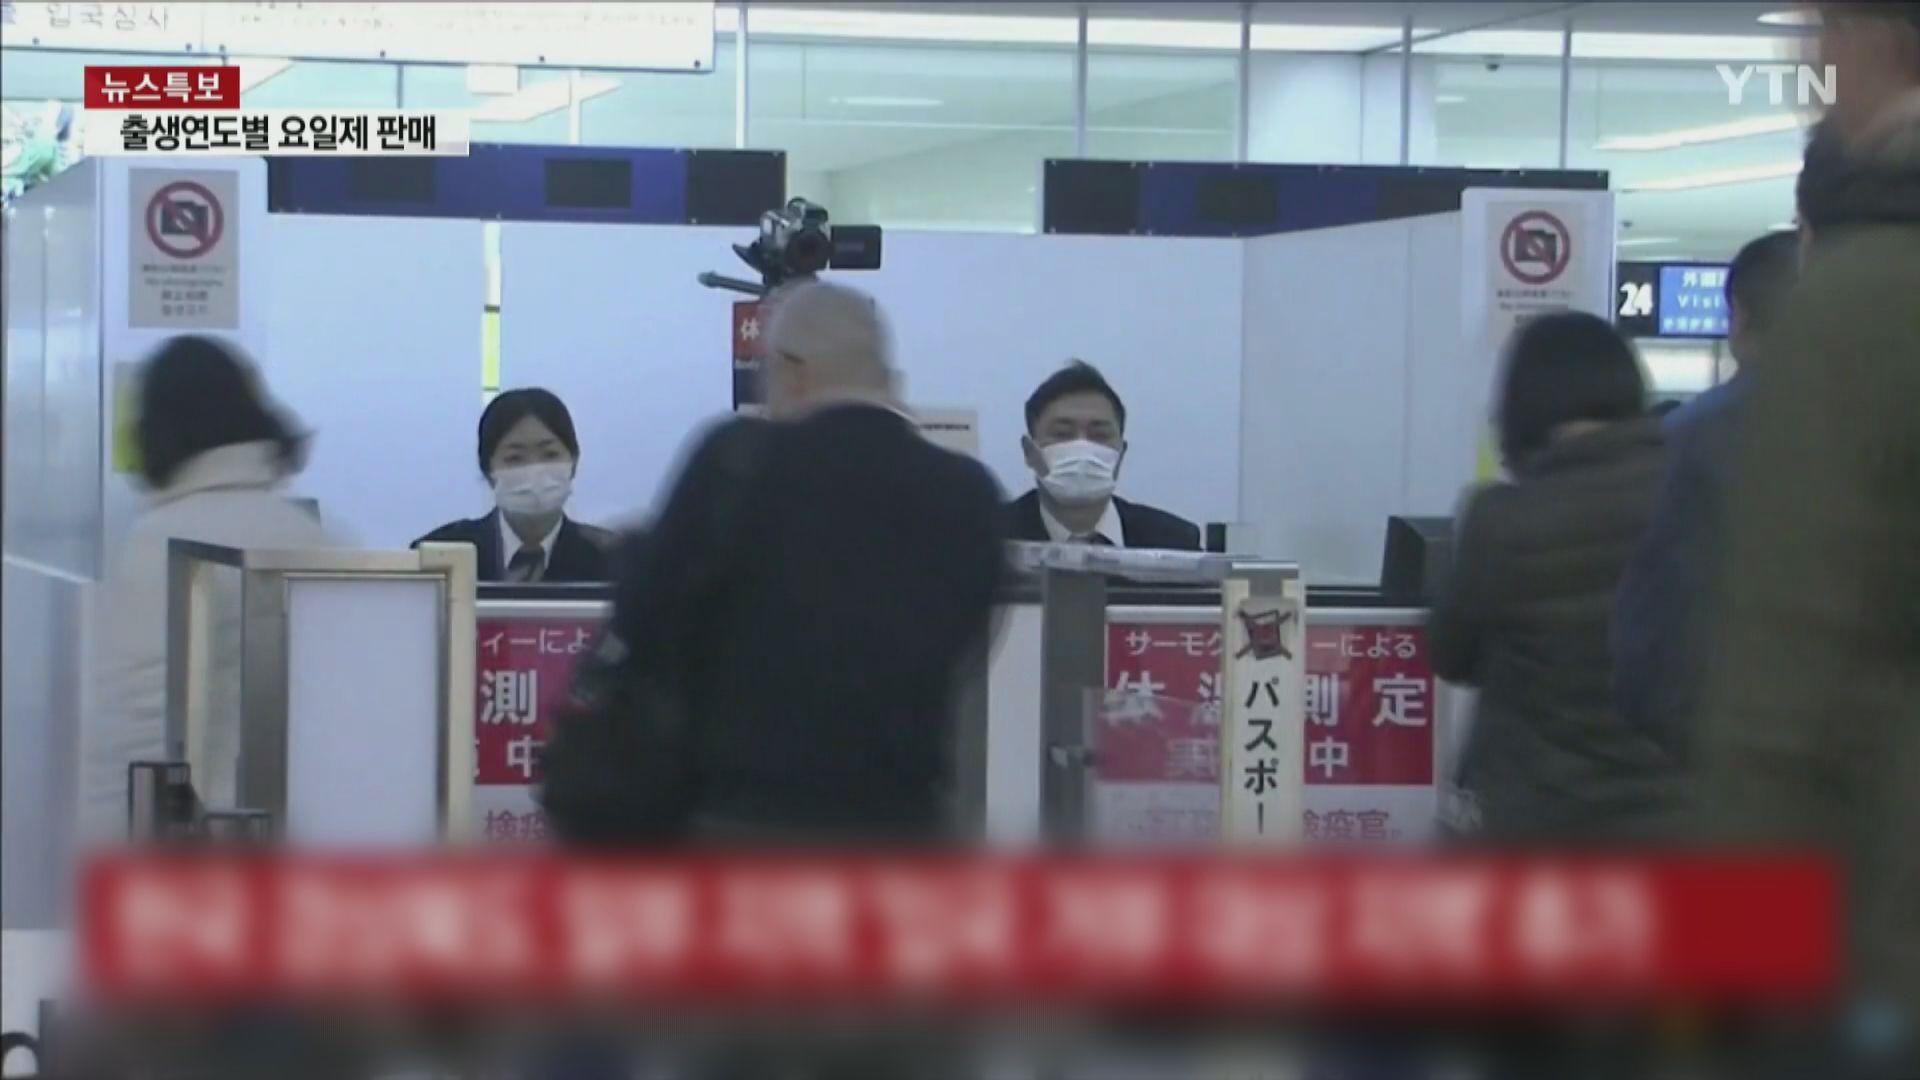 不滿日本收緊入境限制 南韓指會實施對等反制措施